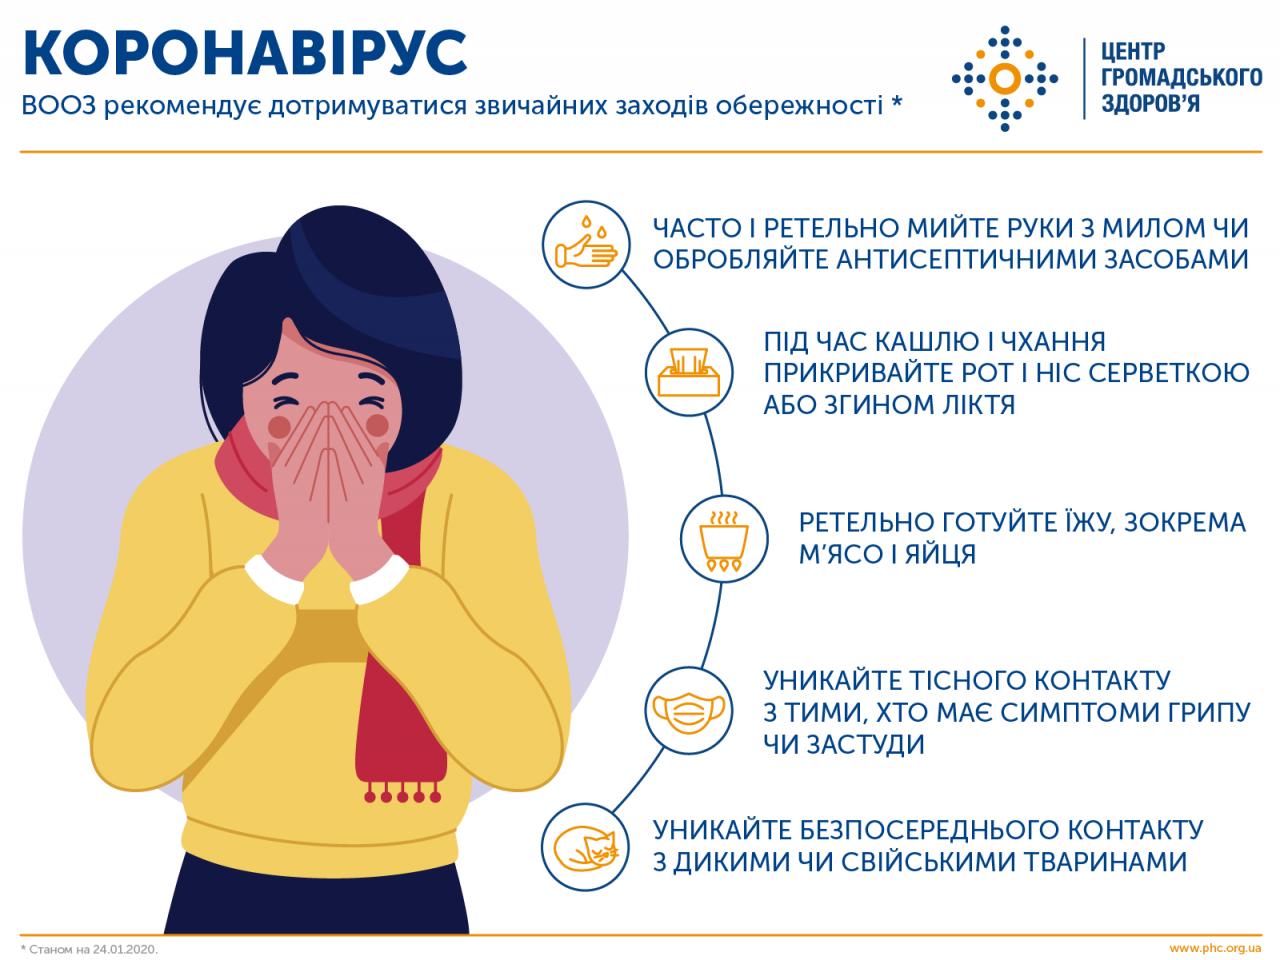 http://dunrada.gov.ua/uploadfile/archive_news/2020/03/16/2020-03-16_803/images/images-57105.png